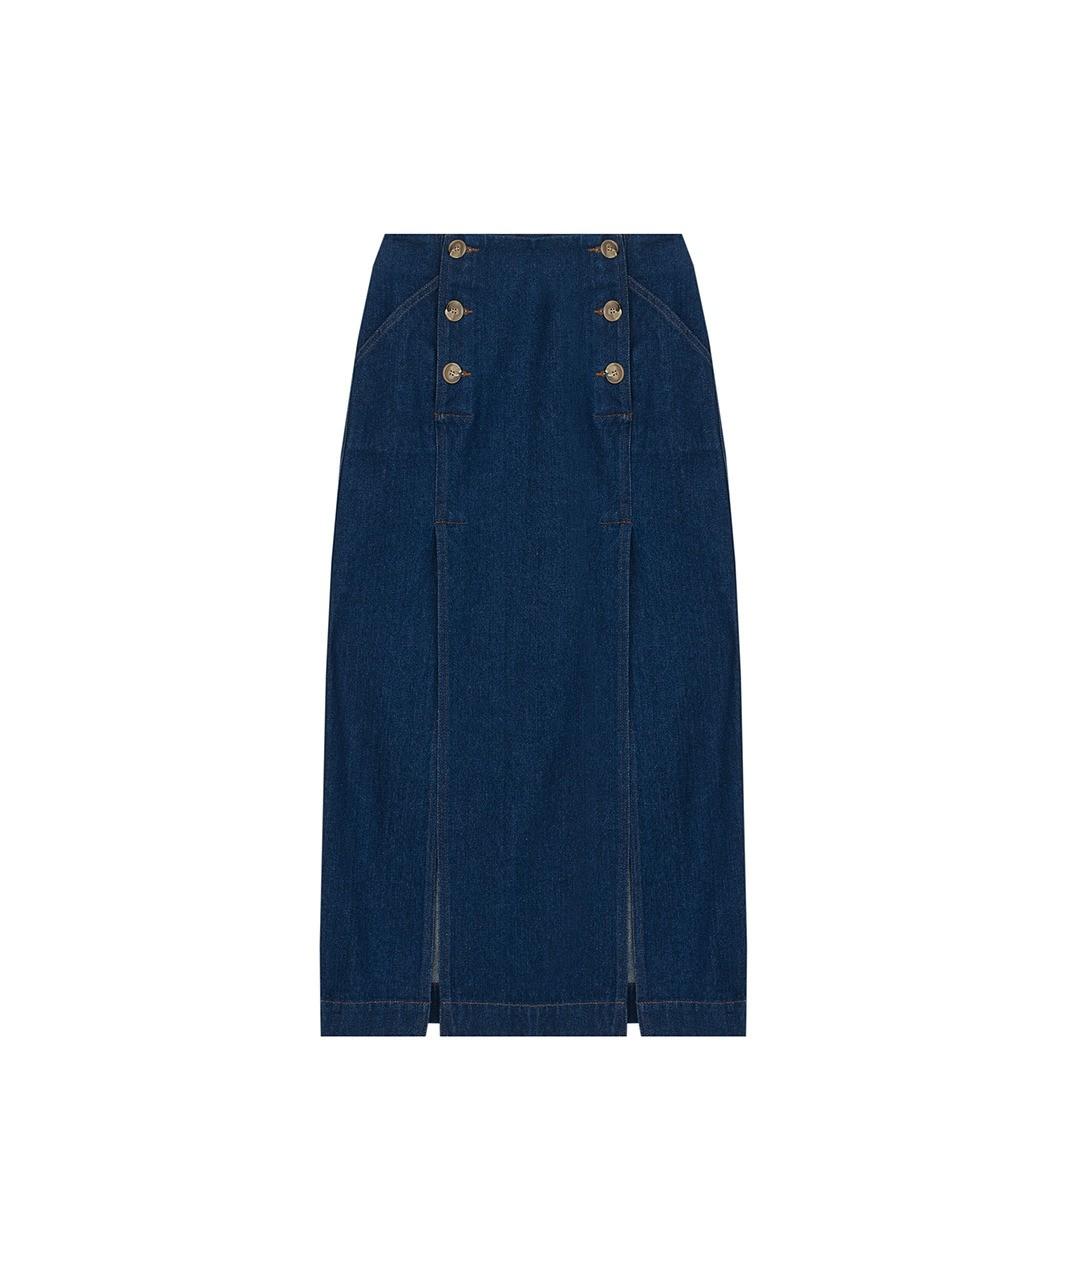 nanushka-elke-denim-midi-skirt-indigo-101b09d9cc5bfbd0fee419a5766c.jpg